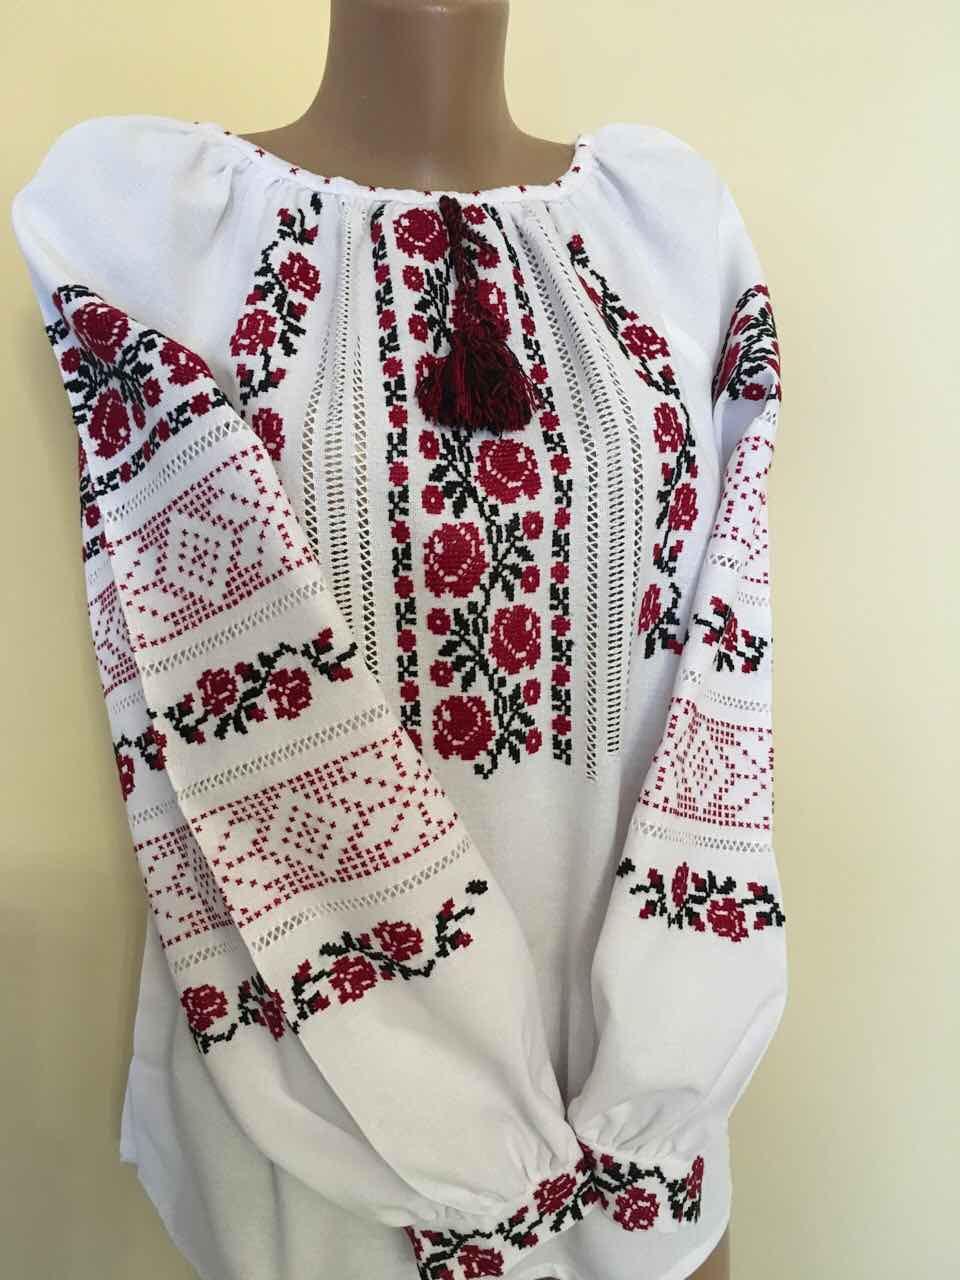 Вишиванка жіноча сірий льон ручна робота 48 розмір - Скарбниця Карпат-  інтернет магазин виробів ручної 9cef2981818a0